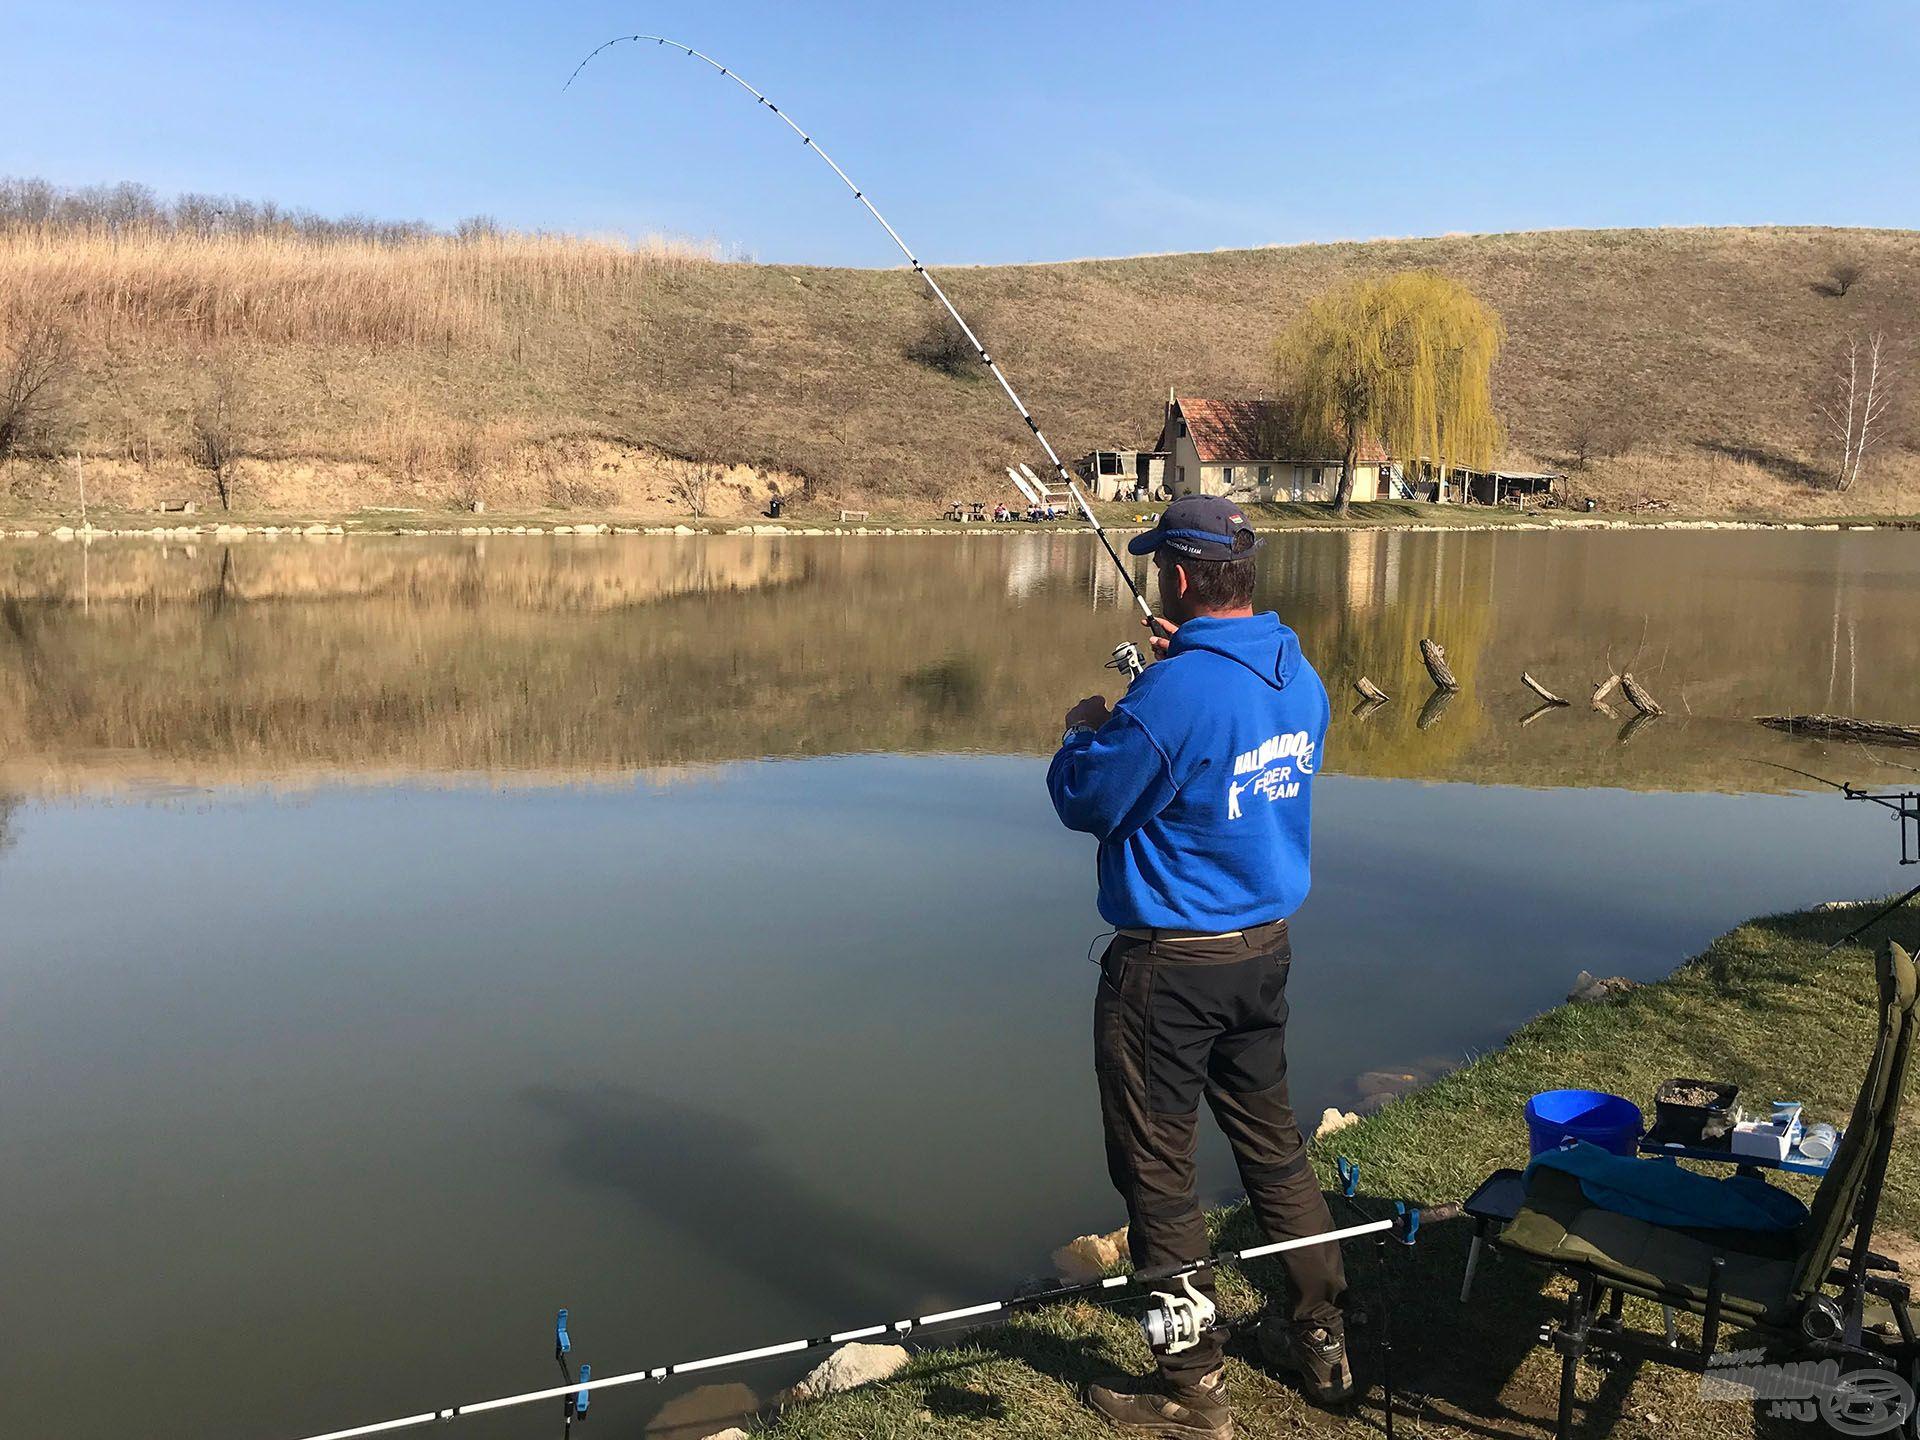 Az időjárás kellemes volt, a halak pedig aktívak, igazi tavaszi örömpeca kerekedett a kirándulásból